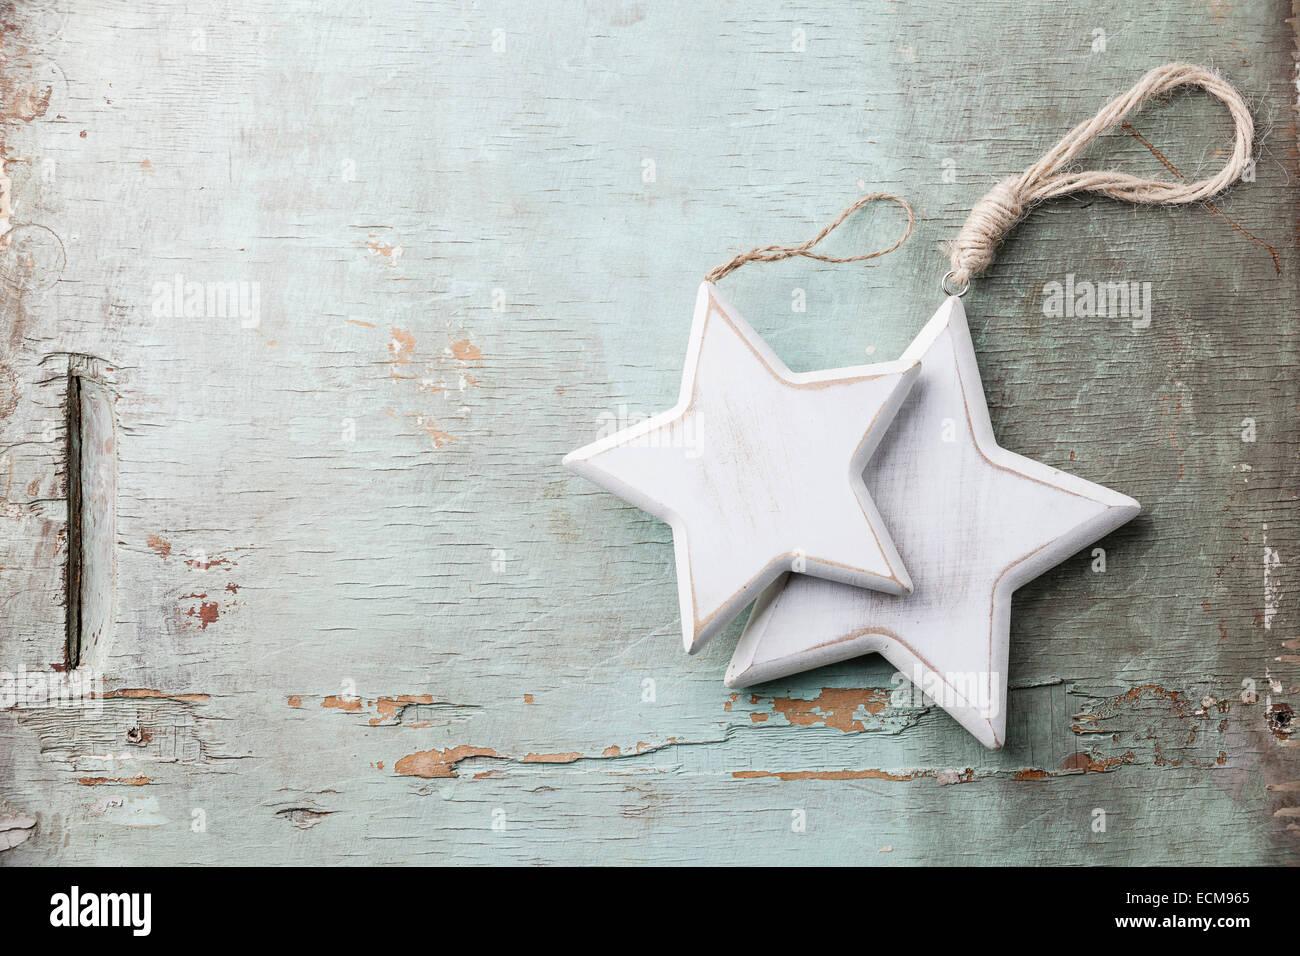 Décorations de Noël en bois étoiles sur fond texturé bleu Photo Stock